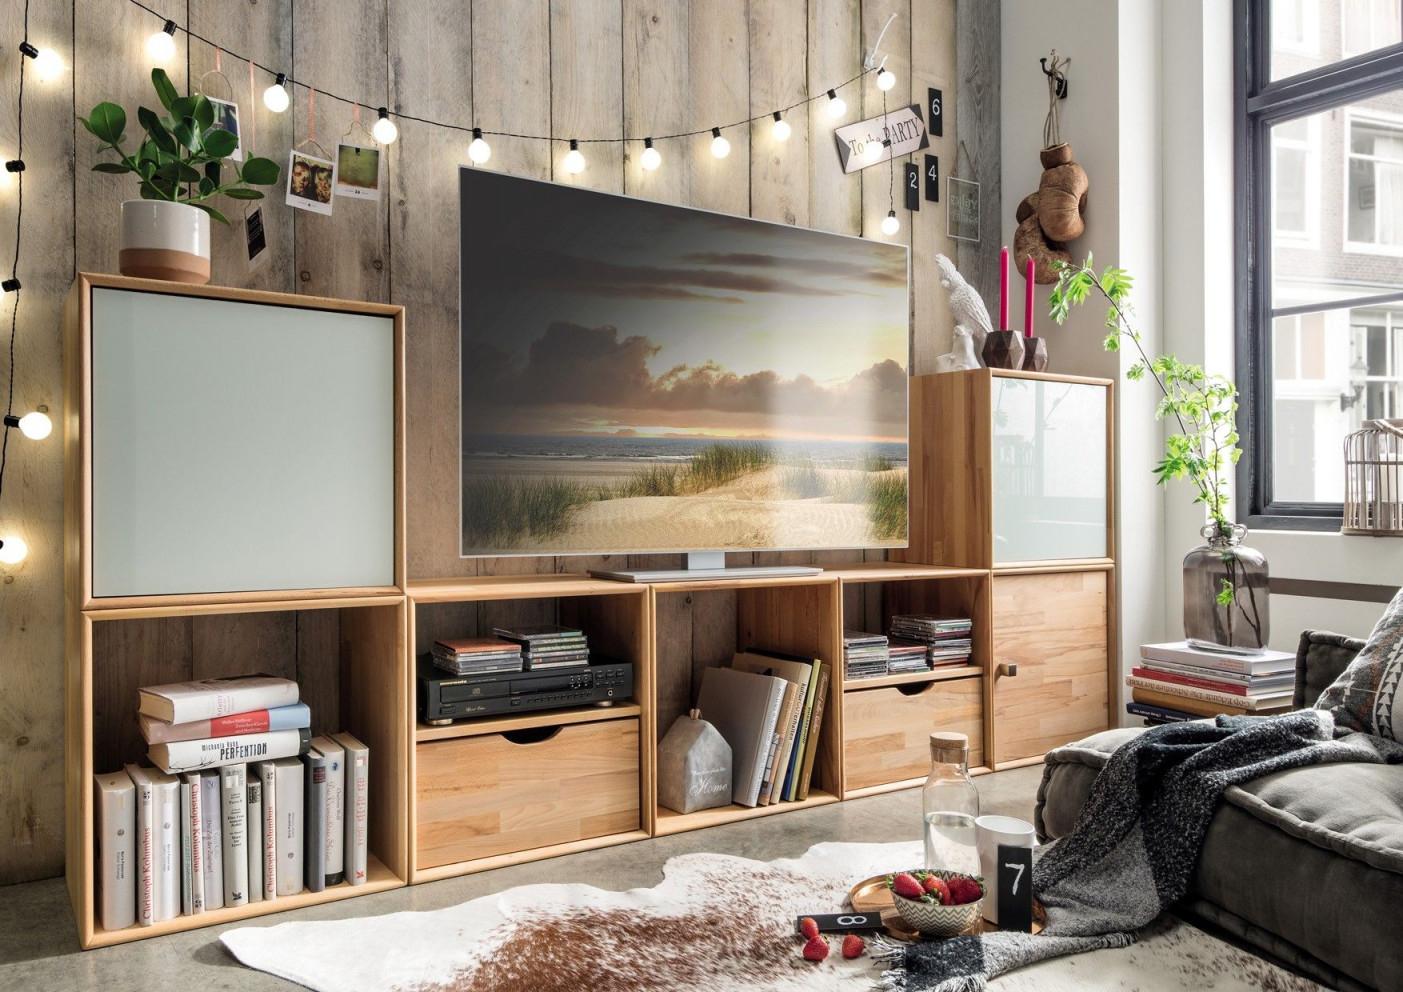 Coole Ideen Für Die Wohneinrichtung  Wohnen von Wohneinrichtung Ideen Wohnzimmer Photo